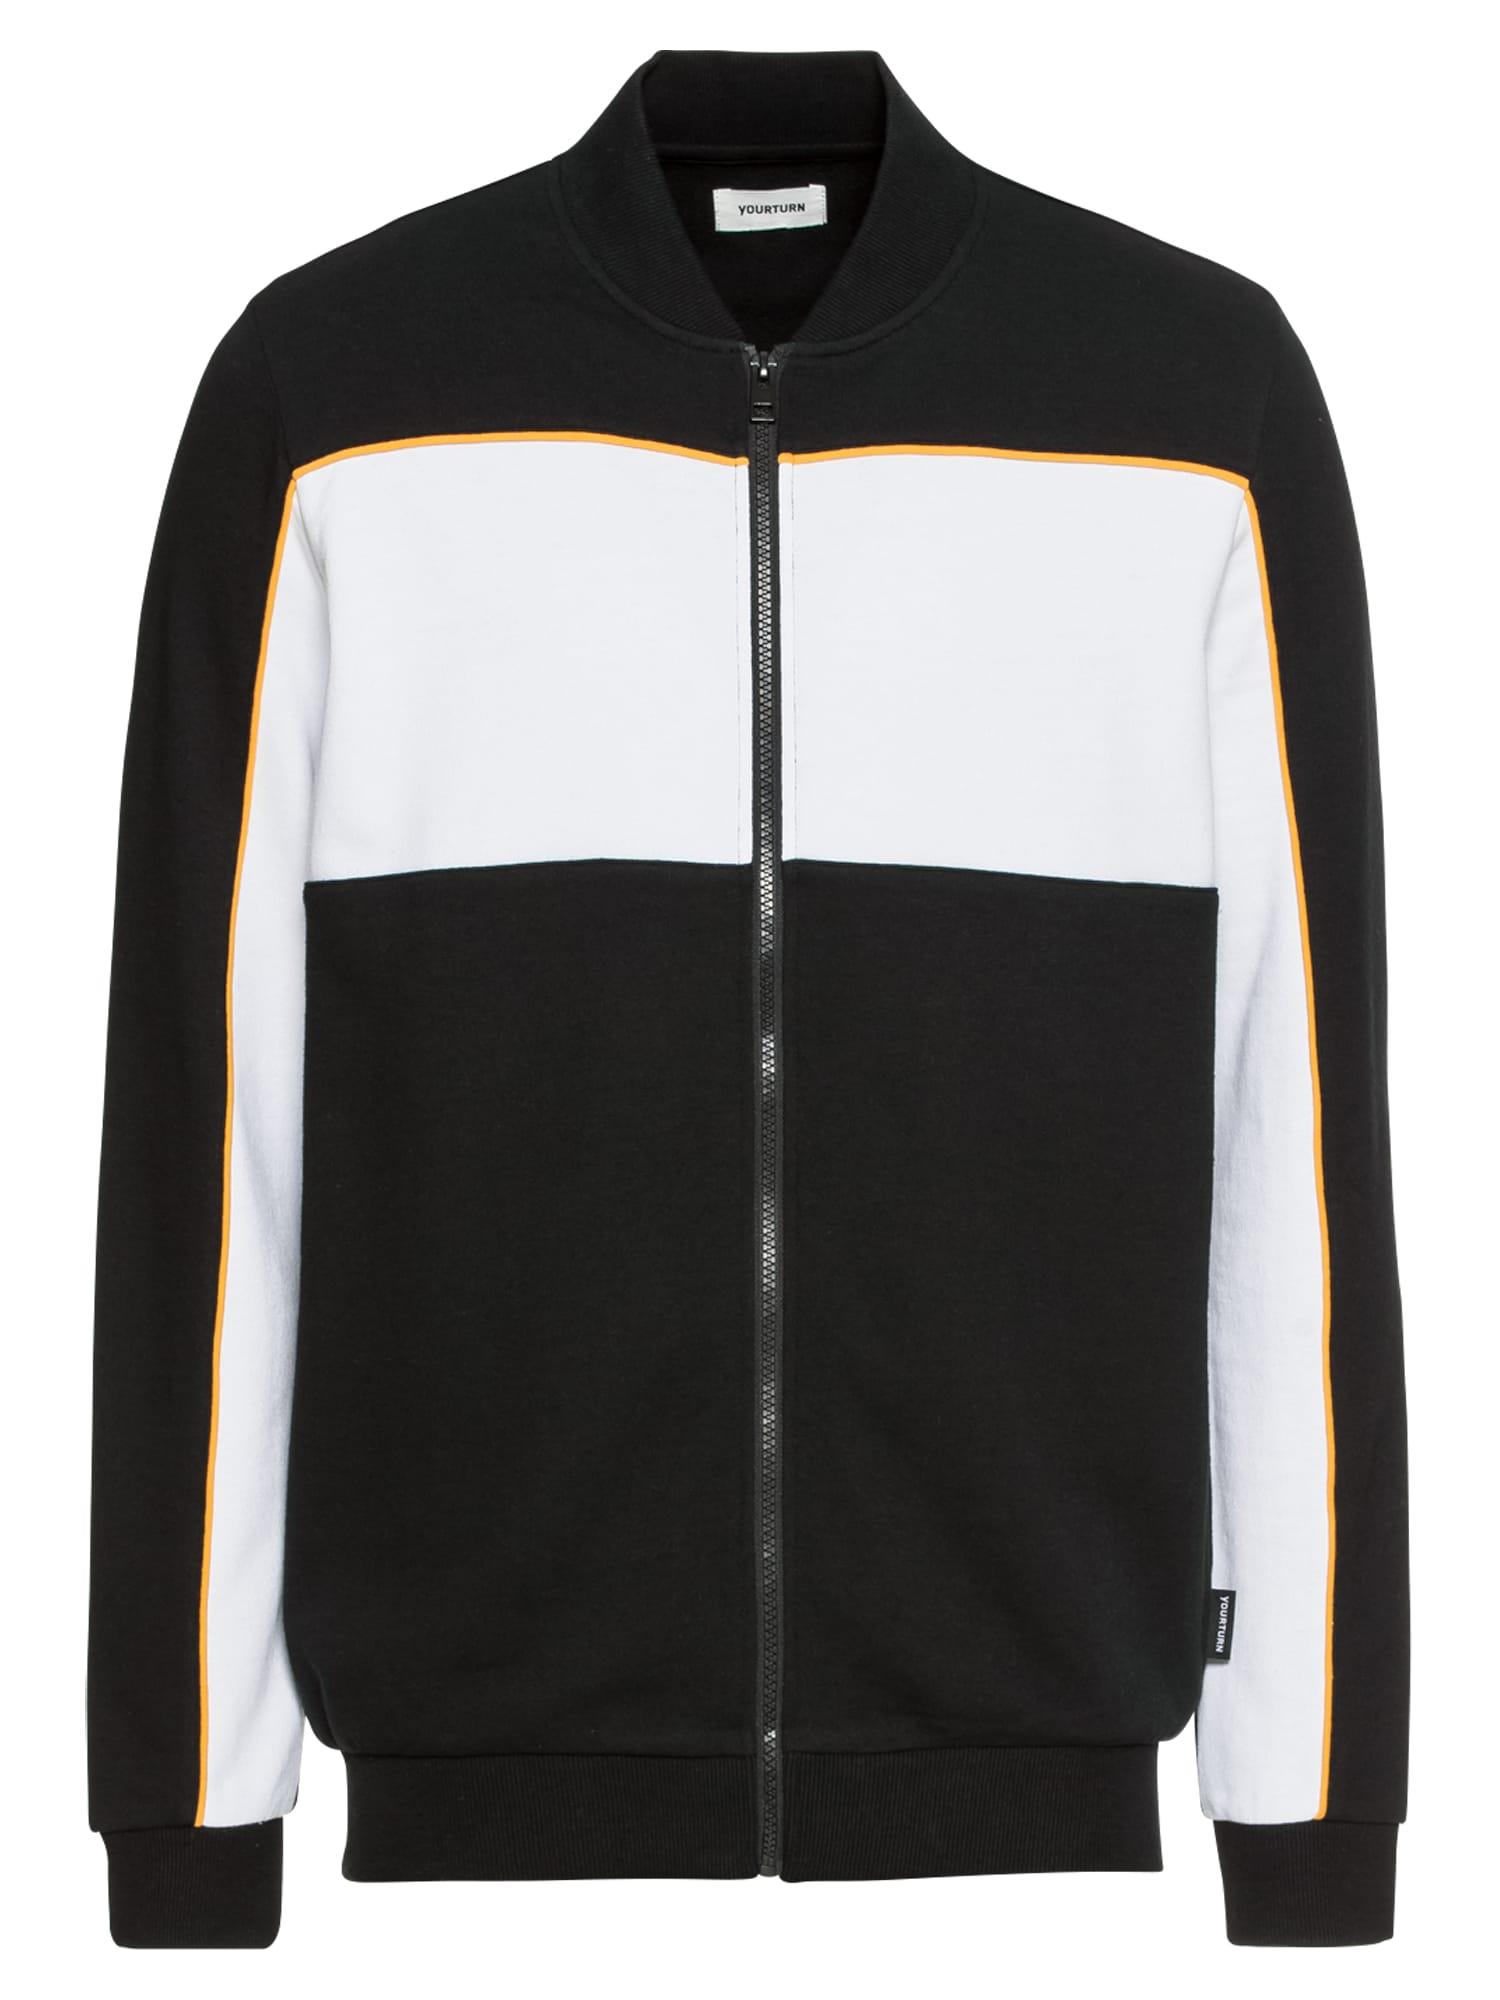 Mikina s kapucí Colorblock Zipthrough černá bílá YOURTURN